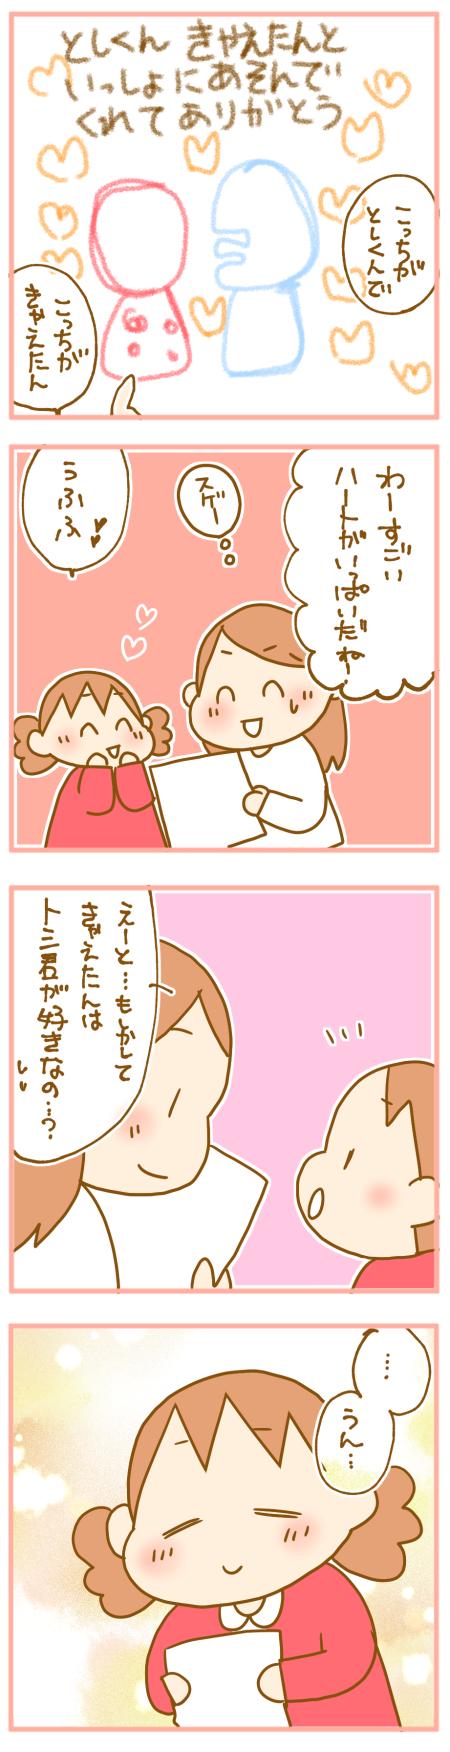 としくんへの手紙03